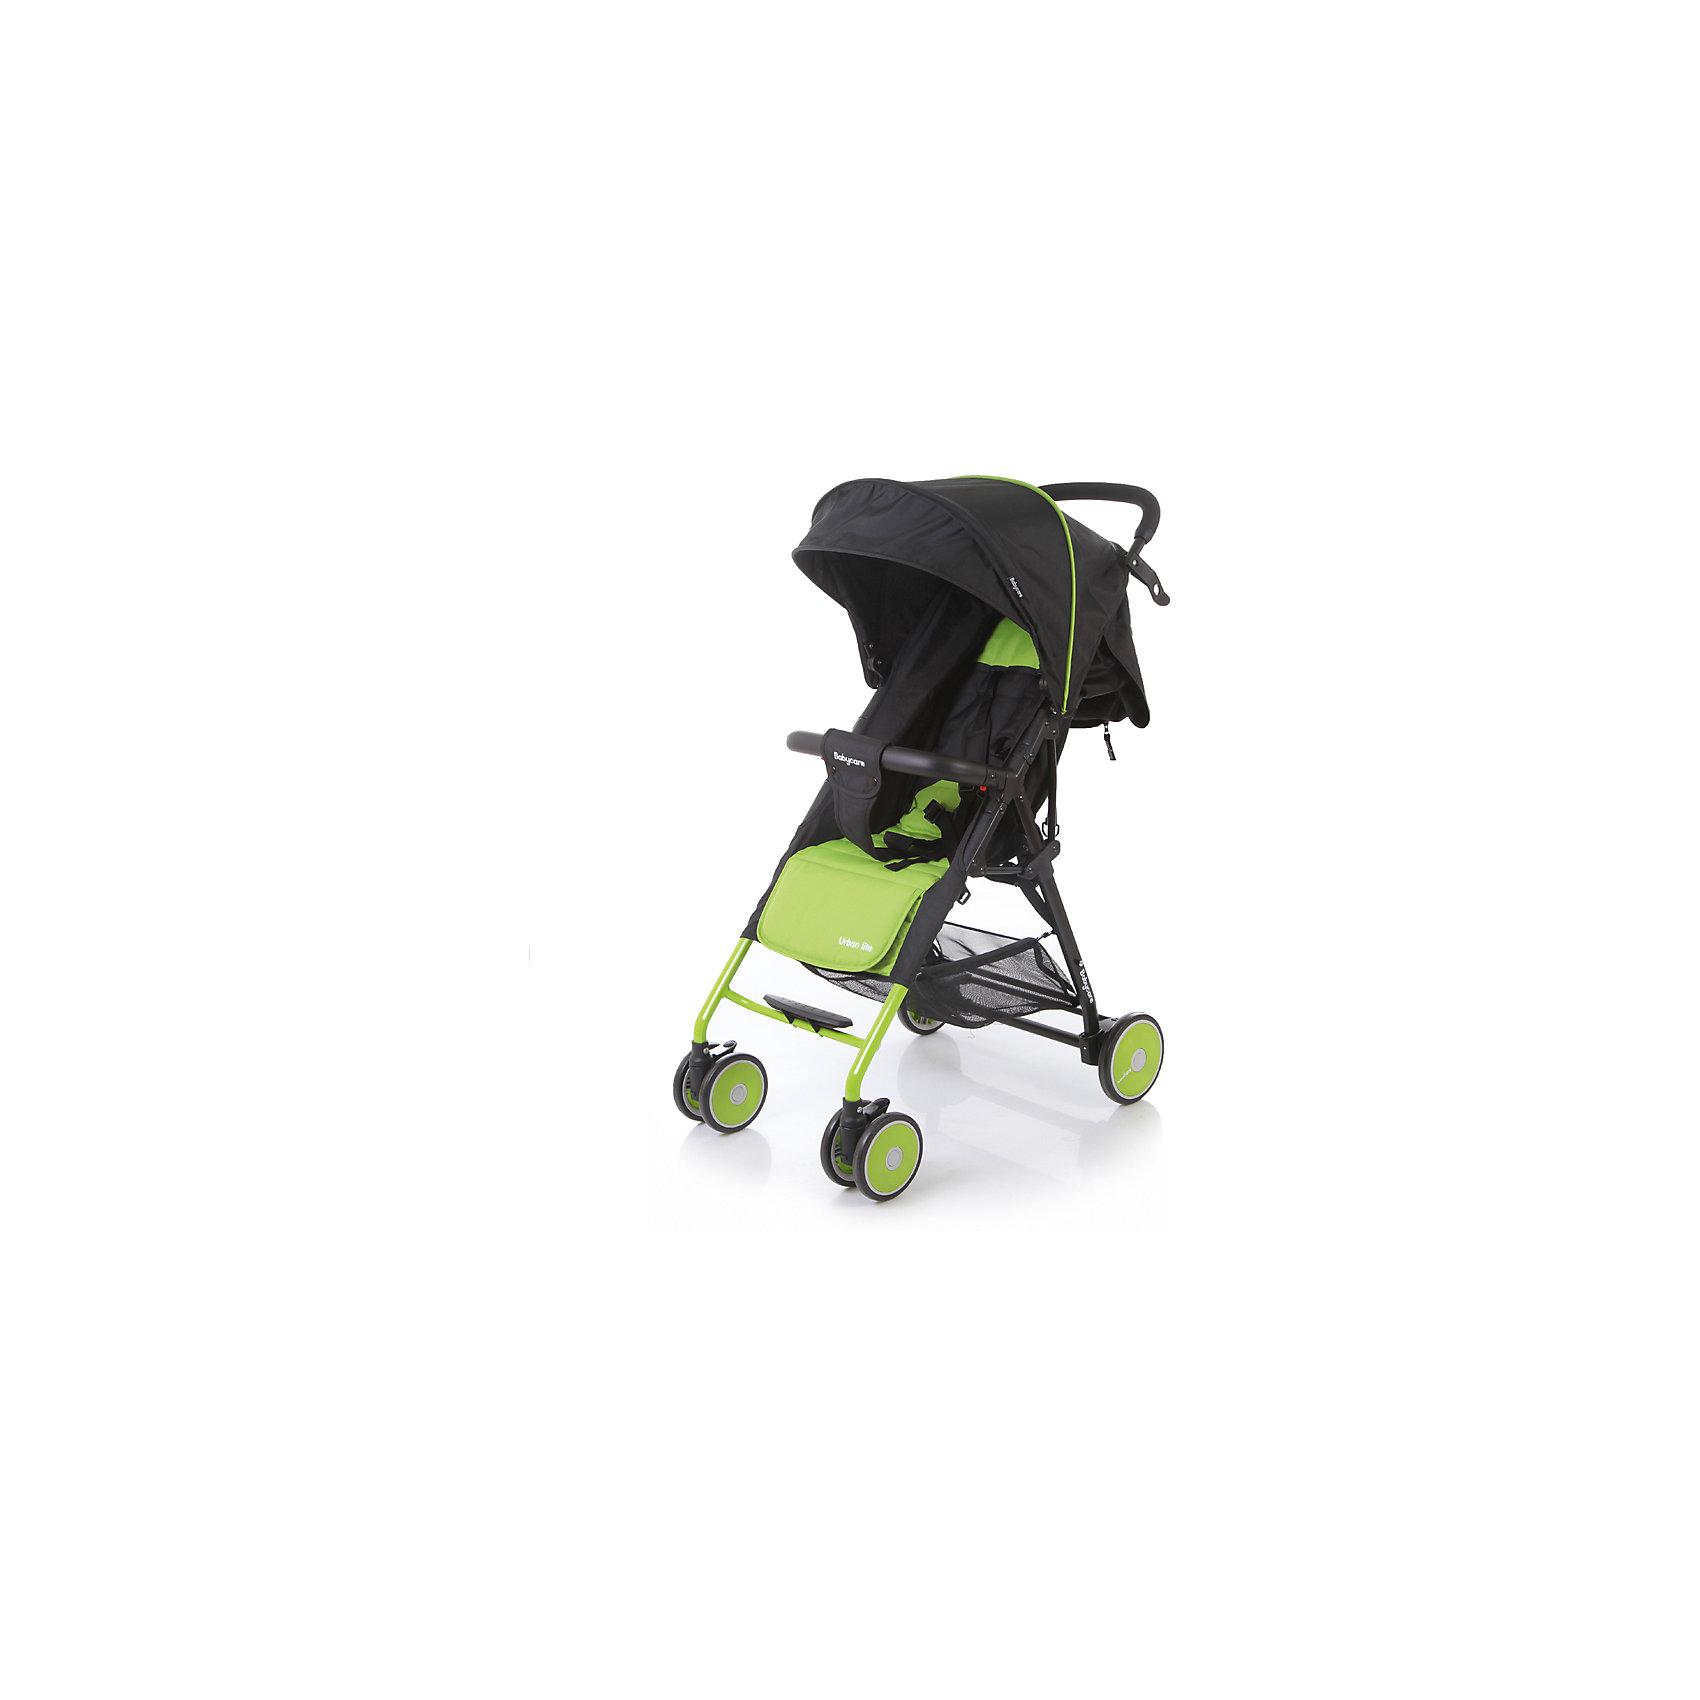 Прогулочная коляска Urban Lite, Baby Care, зеленыйОсобенности:• легкая алюминиевая рама• плавающие передние колеса • 5-ти точеные ремни безопасности• съемный бампер с мягкой обивкой• очень компактное складывание• спинка регулируется при помощи ремня• ножная тормозная система• коляска может стоять в сложенном состоянии• подножка регулируется с помощью ремня• амортизация передних колёс<br>Комплектация:• Чехол на ноги<br>Характеристики:• диаметр колес: передние – 13 см, задние — 15.3 см• тип колес: передние-двойные, задние-одинарные• механизм складывания: книжка• вес: 5.4 кг <br>• ширина сиденья: 33.5 см• размер корзины: 40х34х14 см• размер в разложенном виде: 87х51х103 см• размер в сложенном виде: 67х51х25 см<br><br>Ширина мм: 660<br>Глубина мм: 460<br>Высота мм: 180<br>Вес г: 6200<br>Возраст от месяцев: 6<br>Возраст до месяцев: 36<br>Пол: Унисекс<br>Возраст: Детский<br>SKU: 5493336